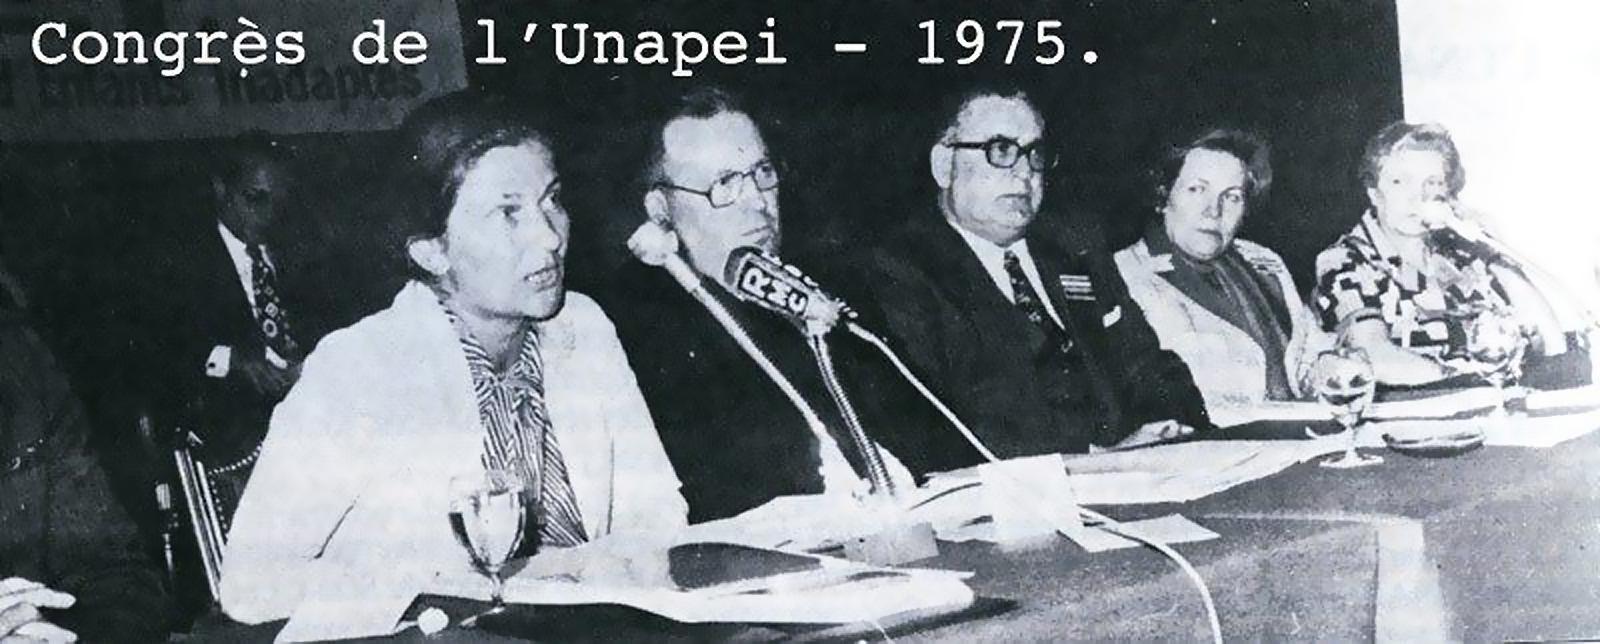 Congrès Unapei 1975 Simone Veil et Paulette Mollier-M